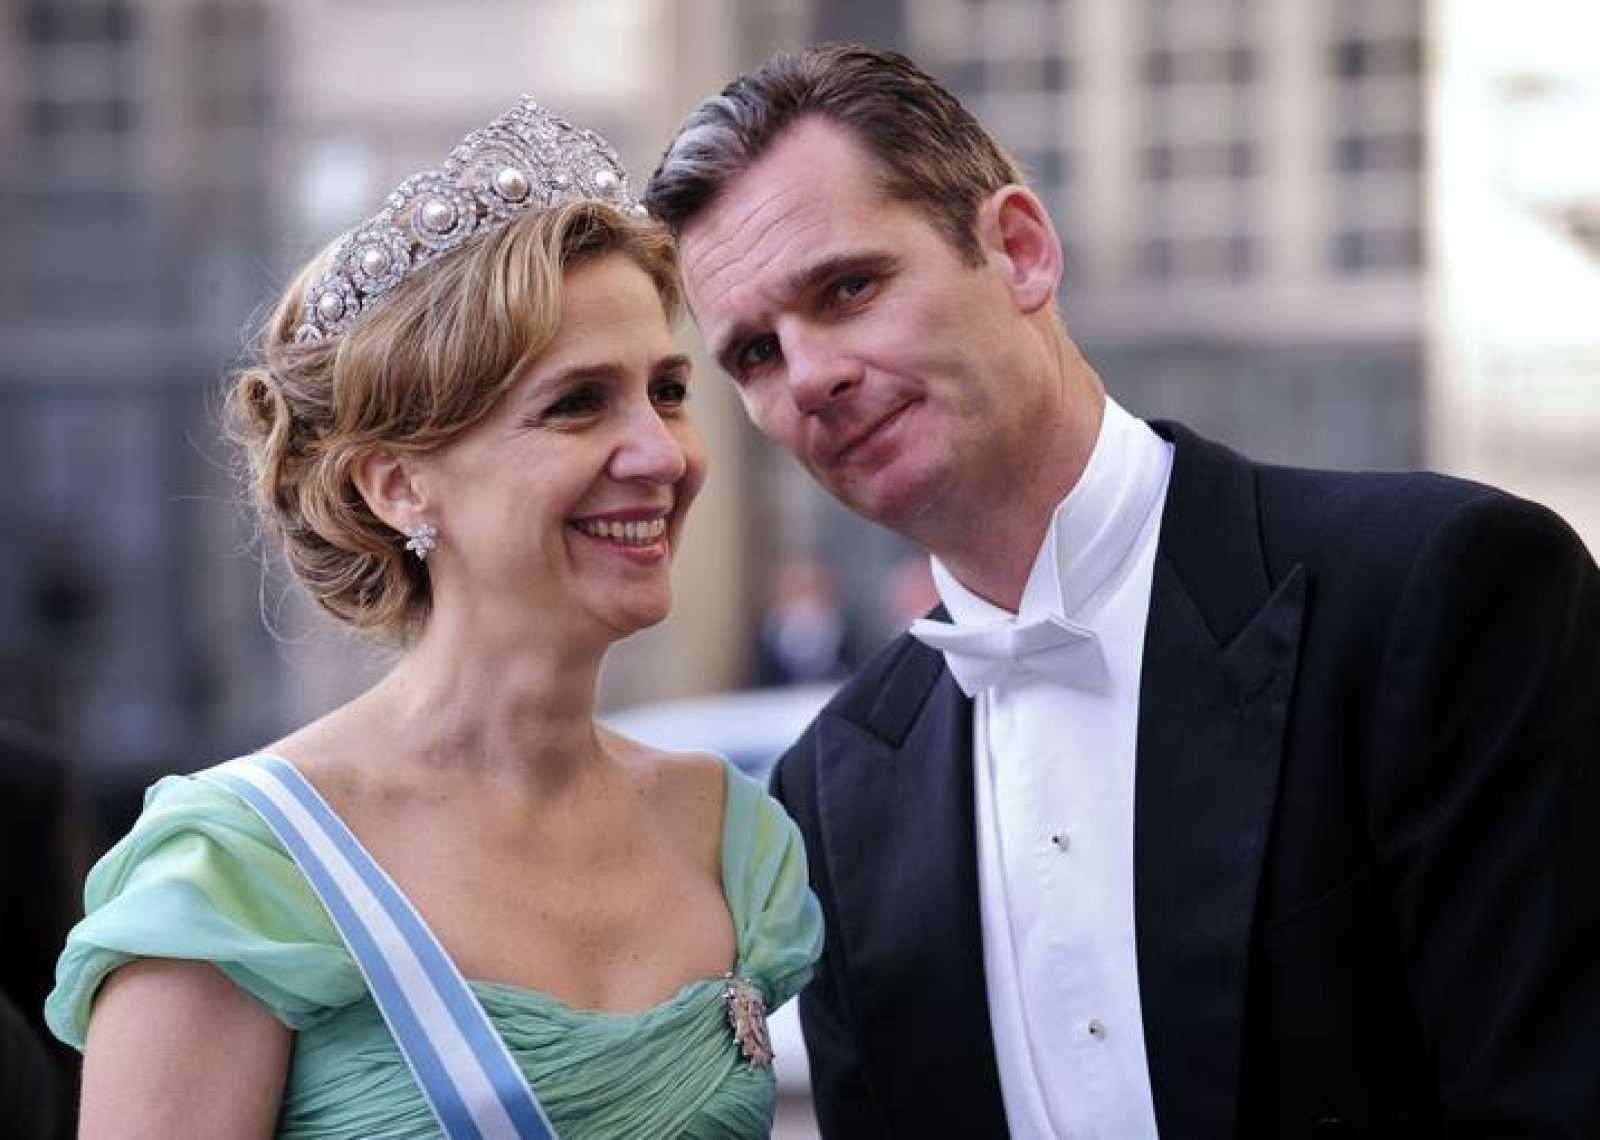 La infanta Cristina e Iñaki Urdangarin, duques de Palma, en una foto de archivo.